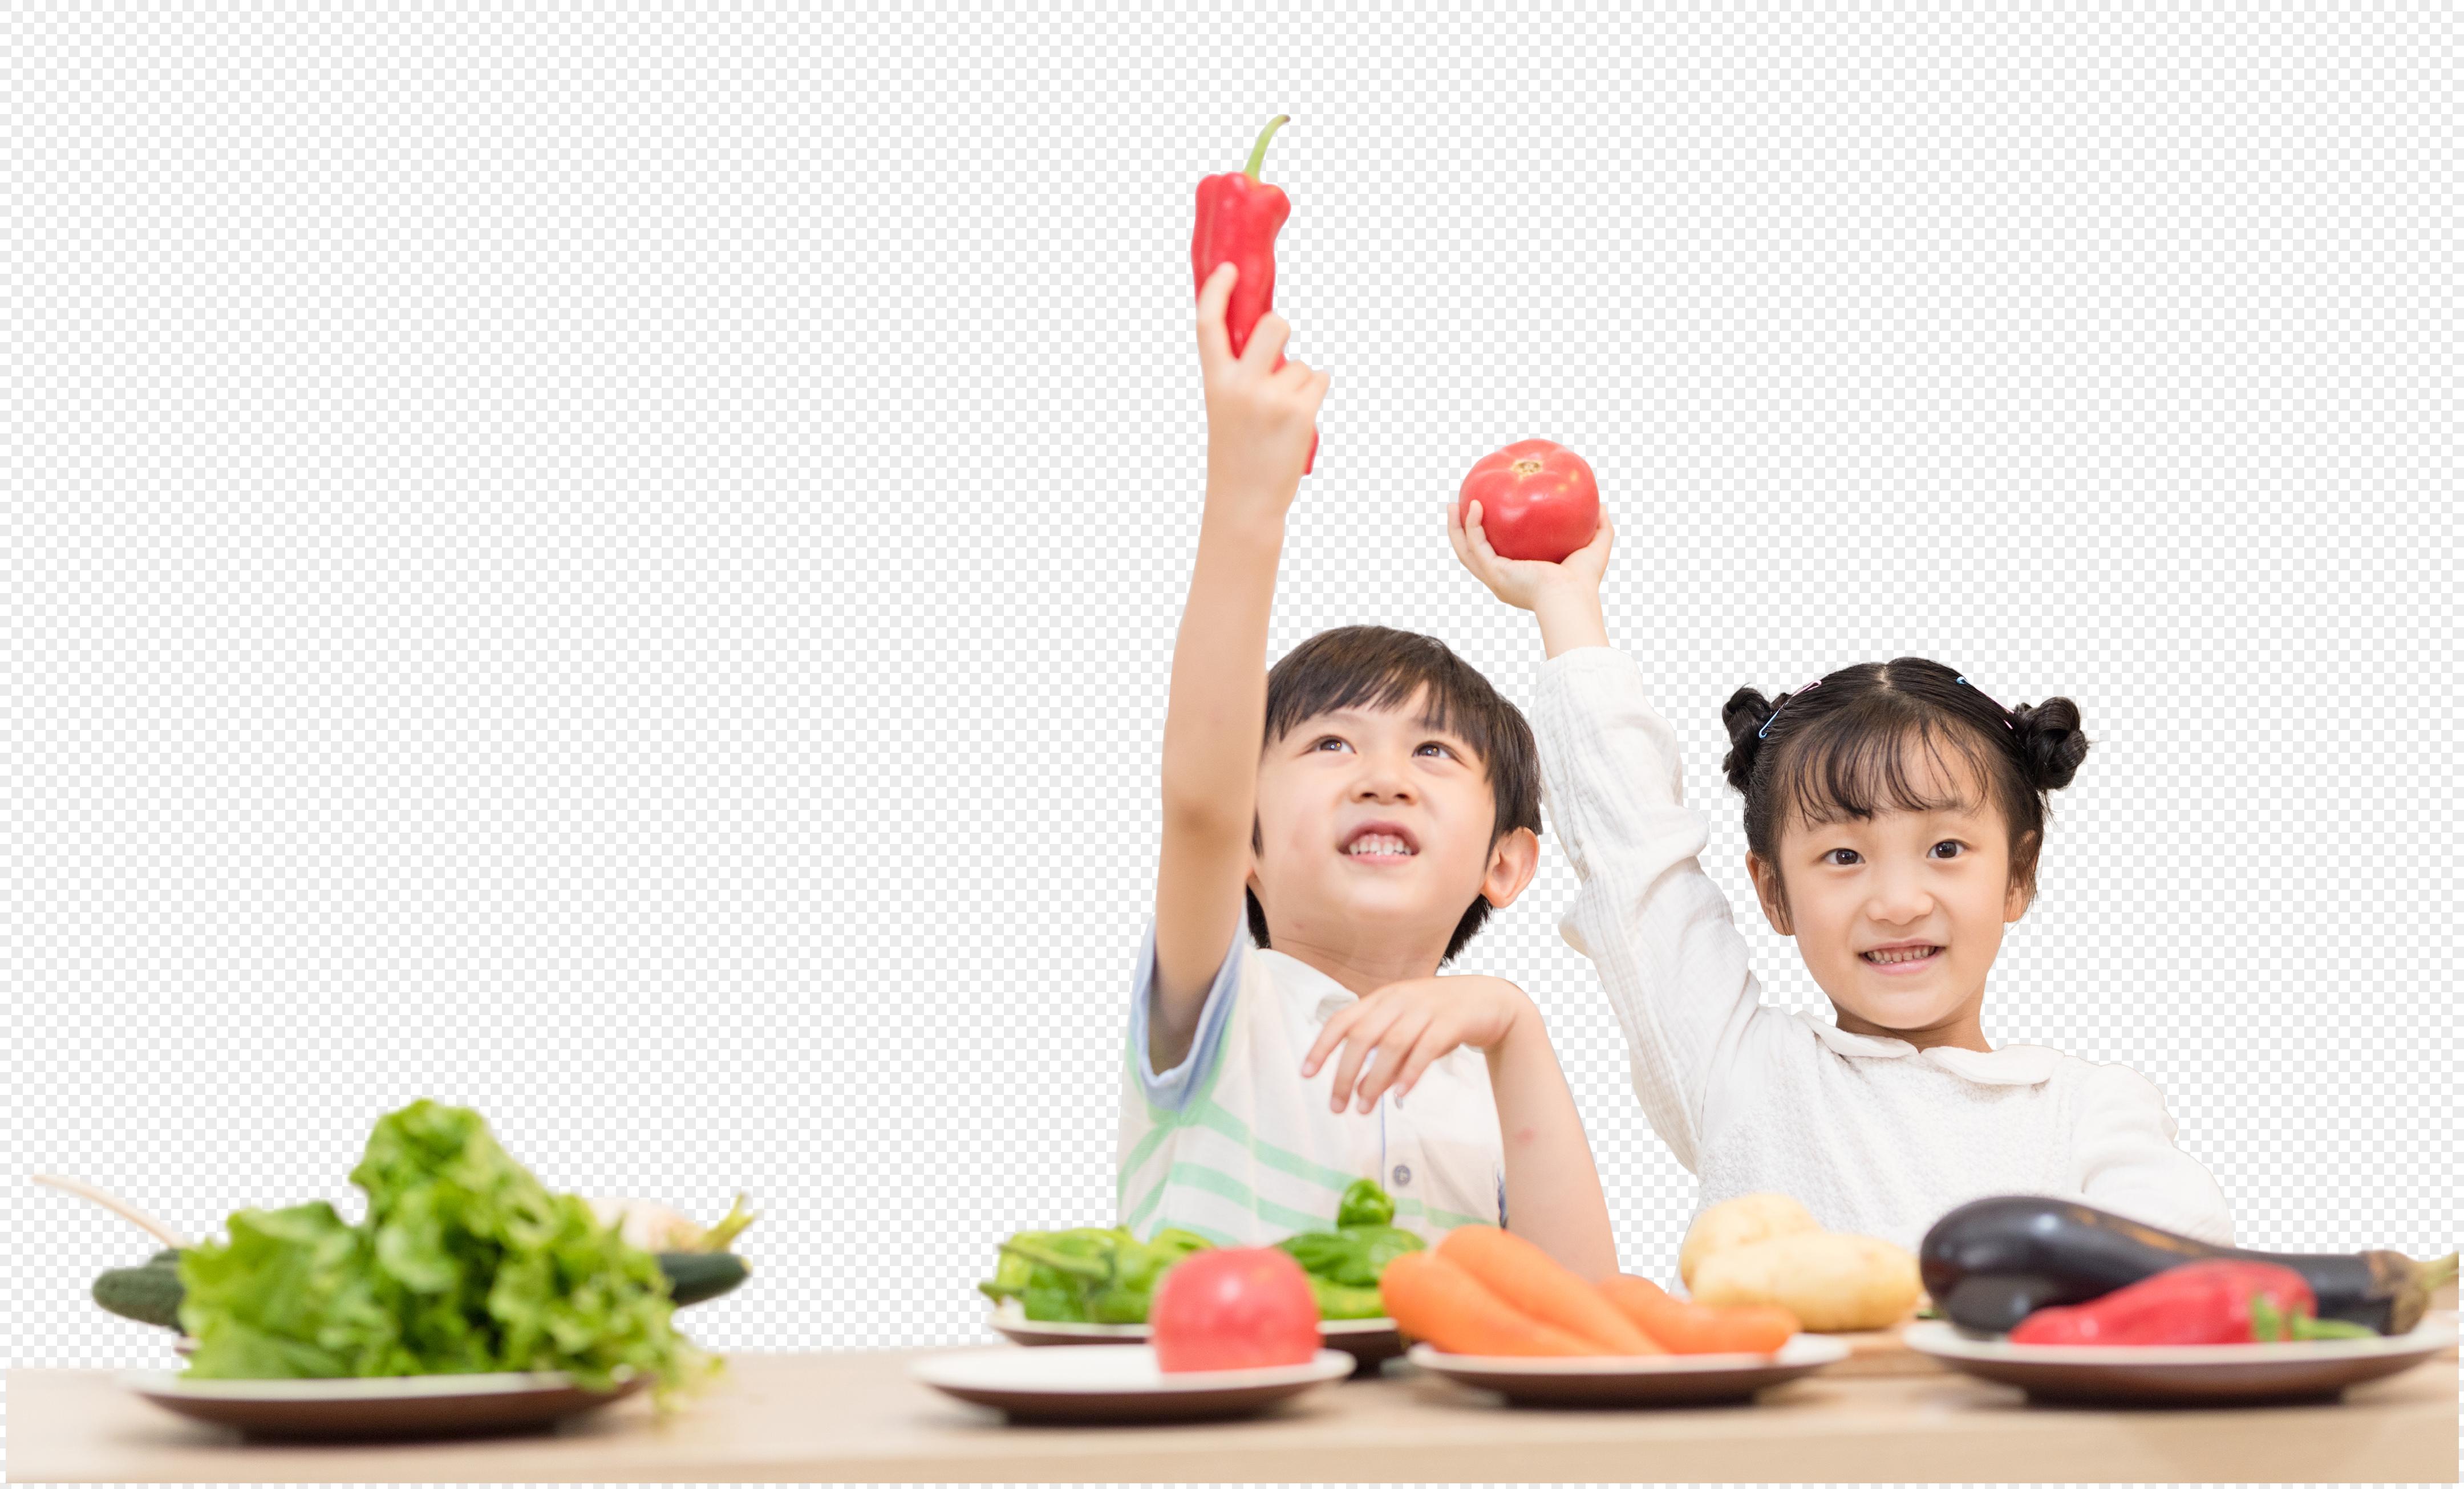 Chế độ dinh dưỡng cân bằng là nền tảng quan trọng để bé phát triển toàn diện Nguồn ảnh: lovepik.com